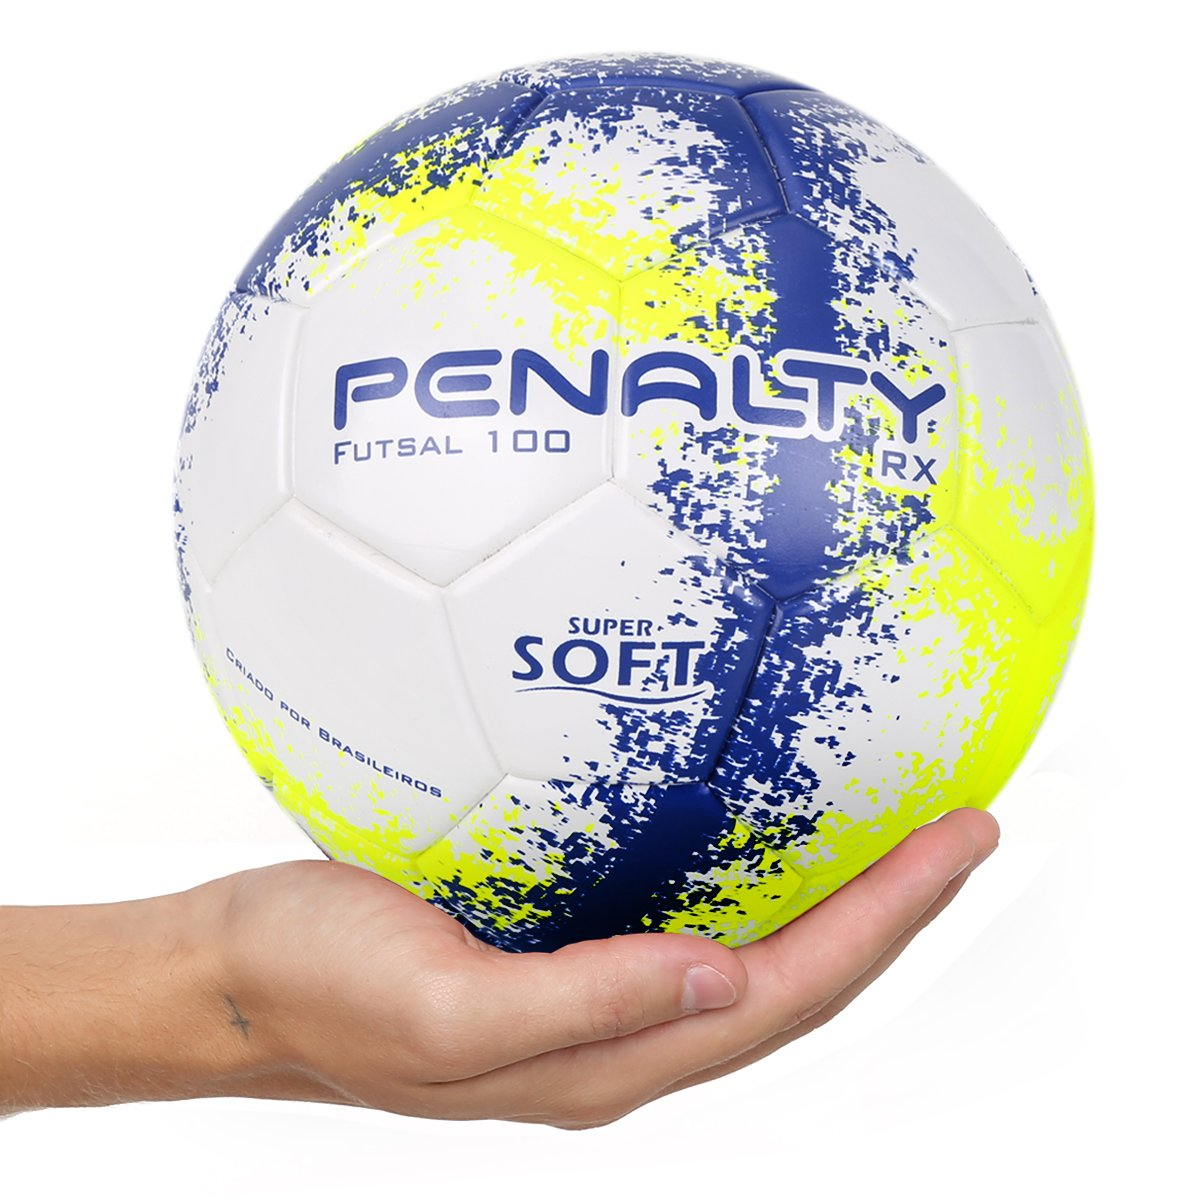 2fbc17aa001a0 Bola Futsal Penalty RX 100 R3 Fusion VIII